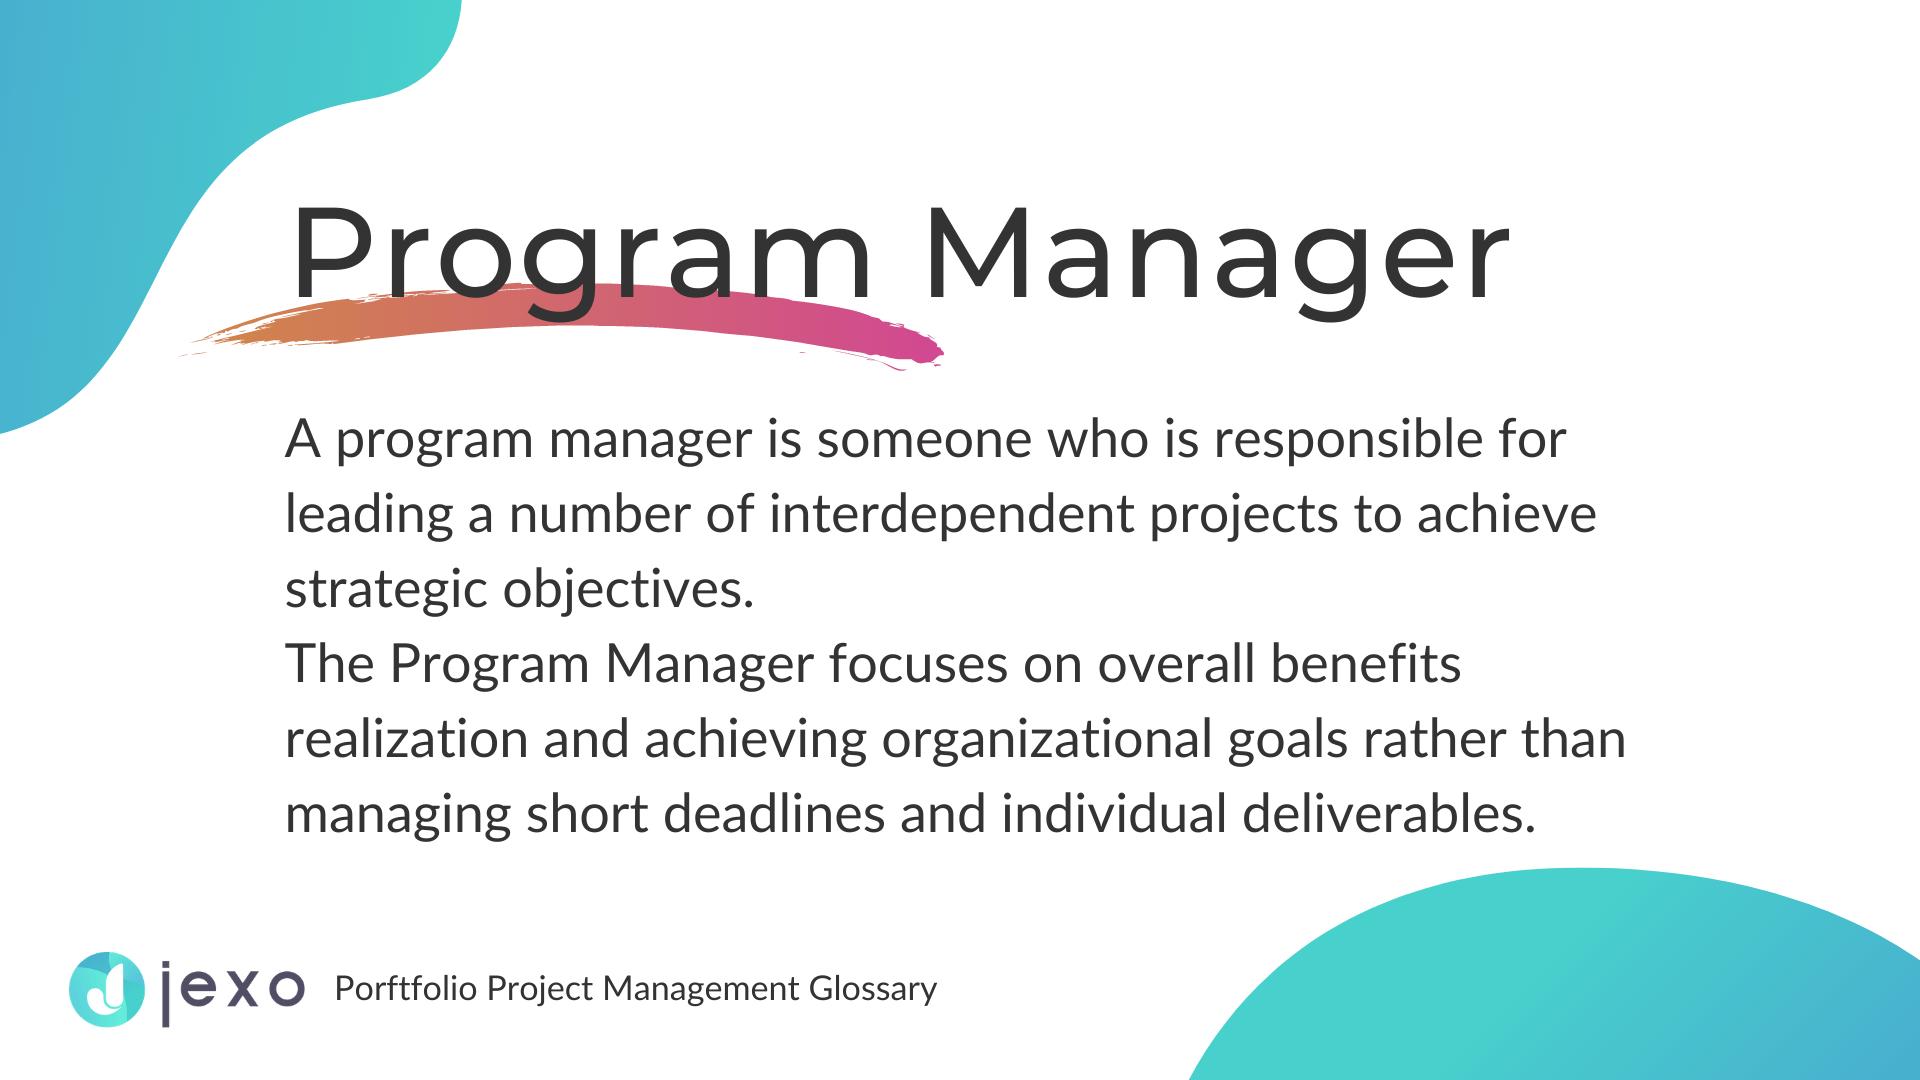 Definition: Progam manager